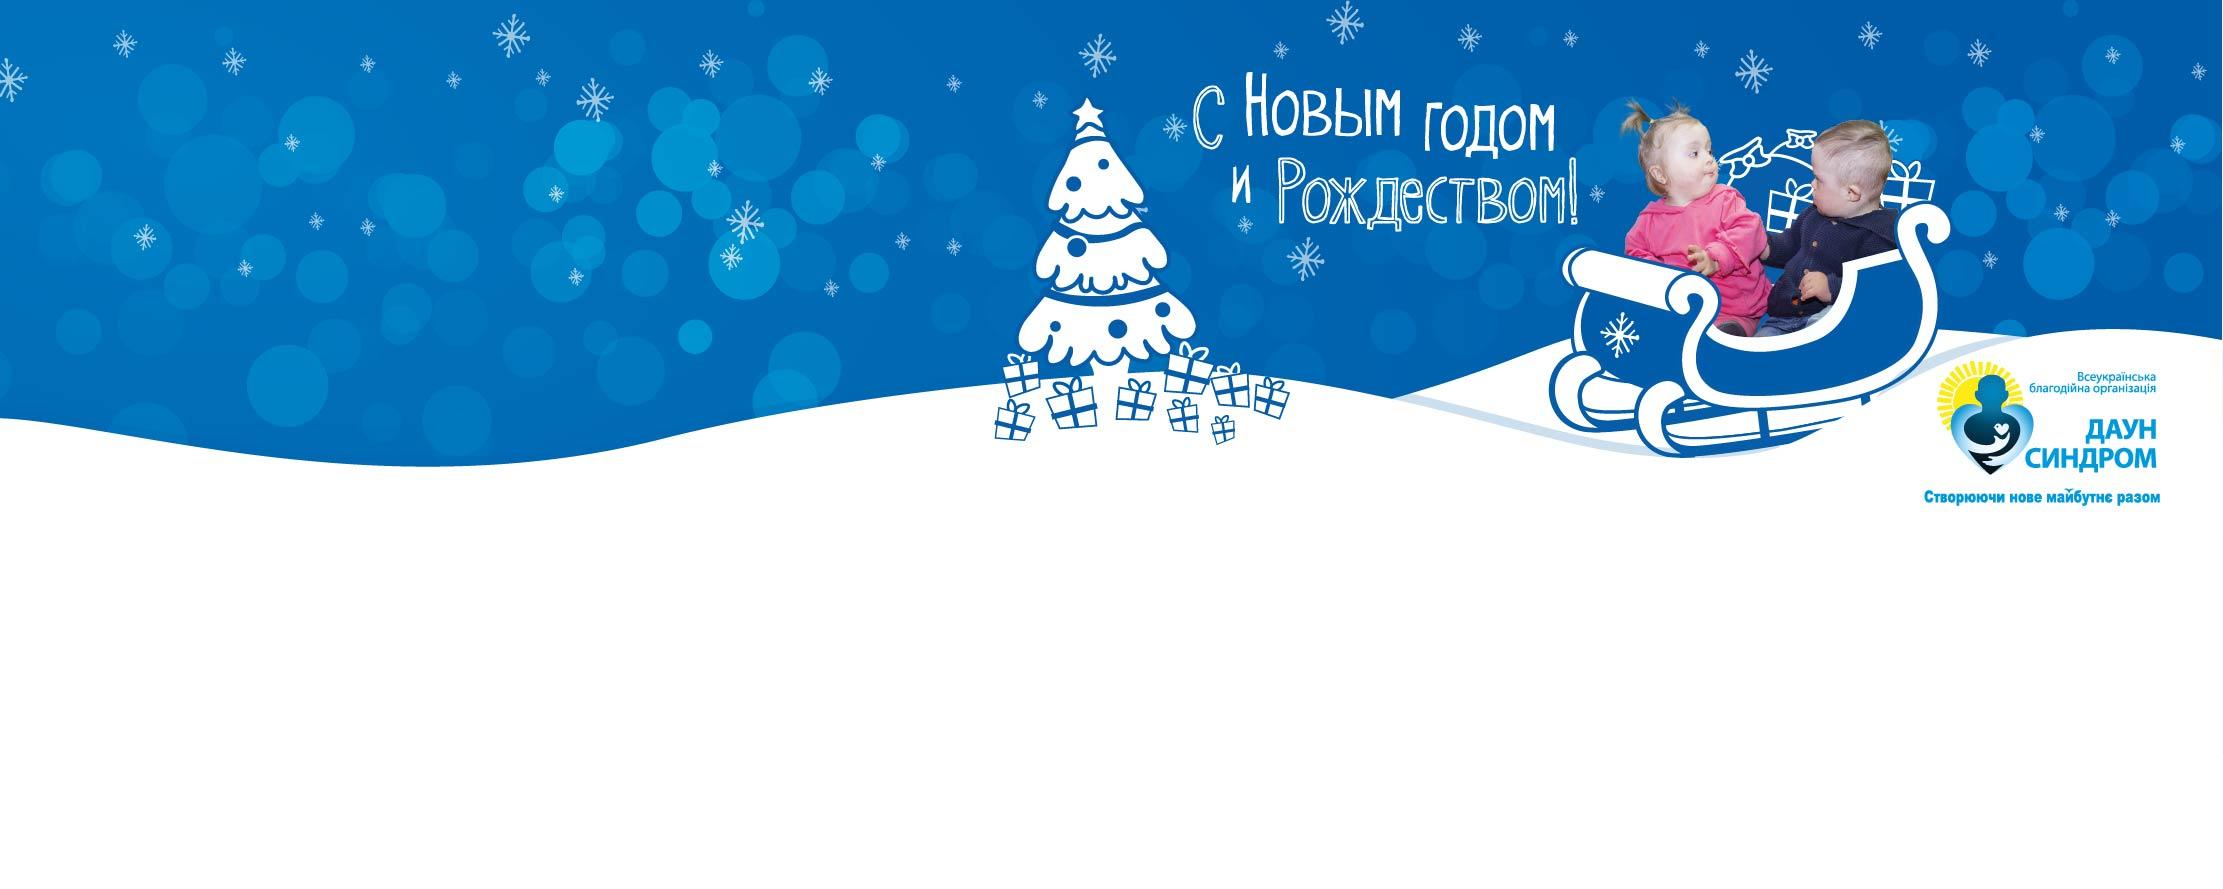 montazhnaya oblast ru s1 t62 i2171